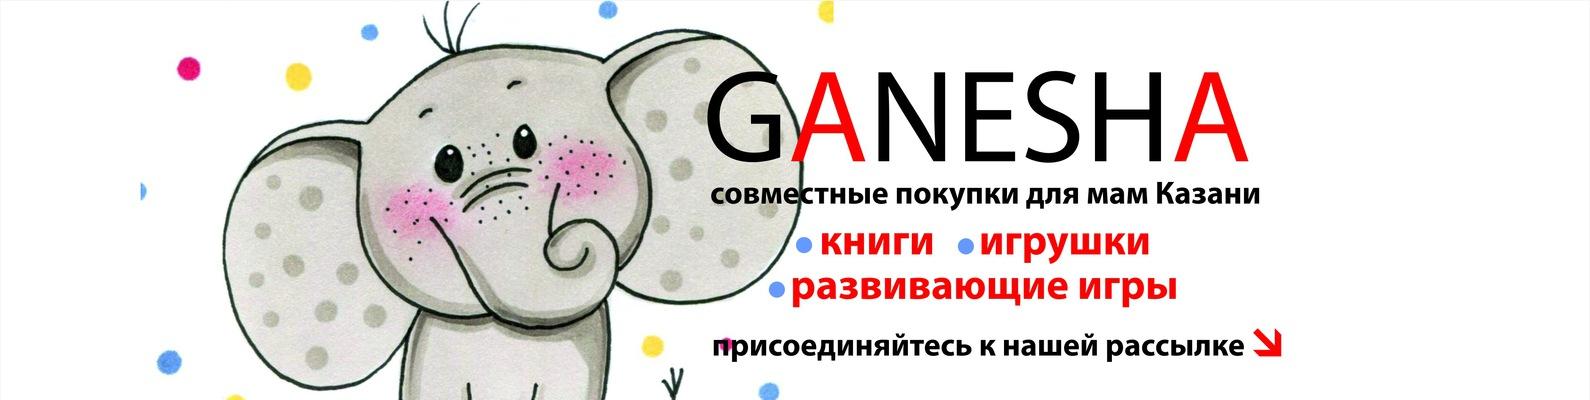 ГАНЕША - СОВМЕСТНЫЕ ПОКУПКИ ДЛЯ МАМ, Казань   ВКонтакте 0017b06ea2d